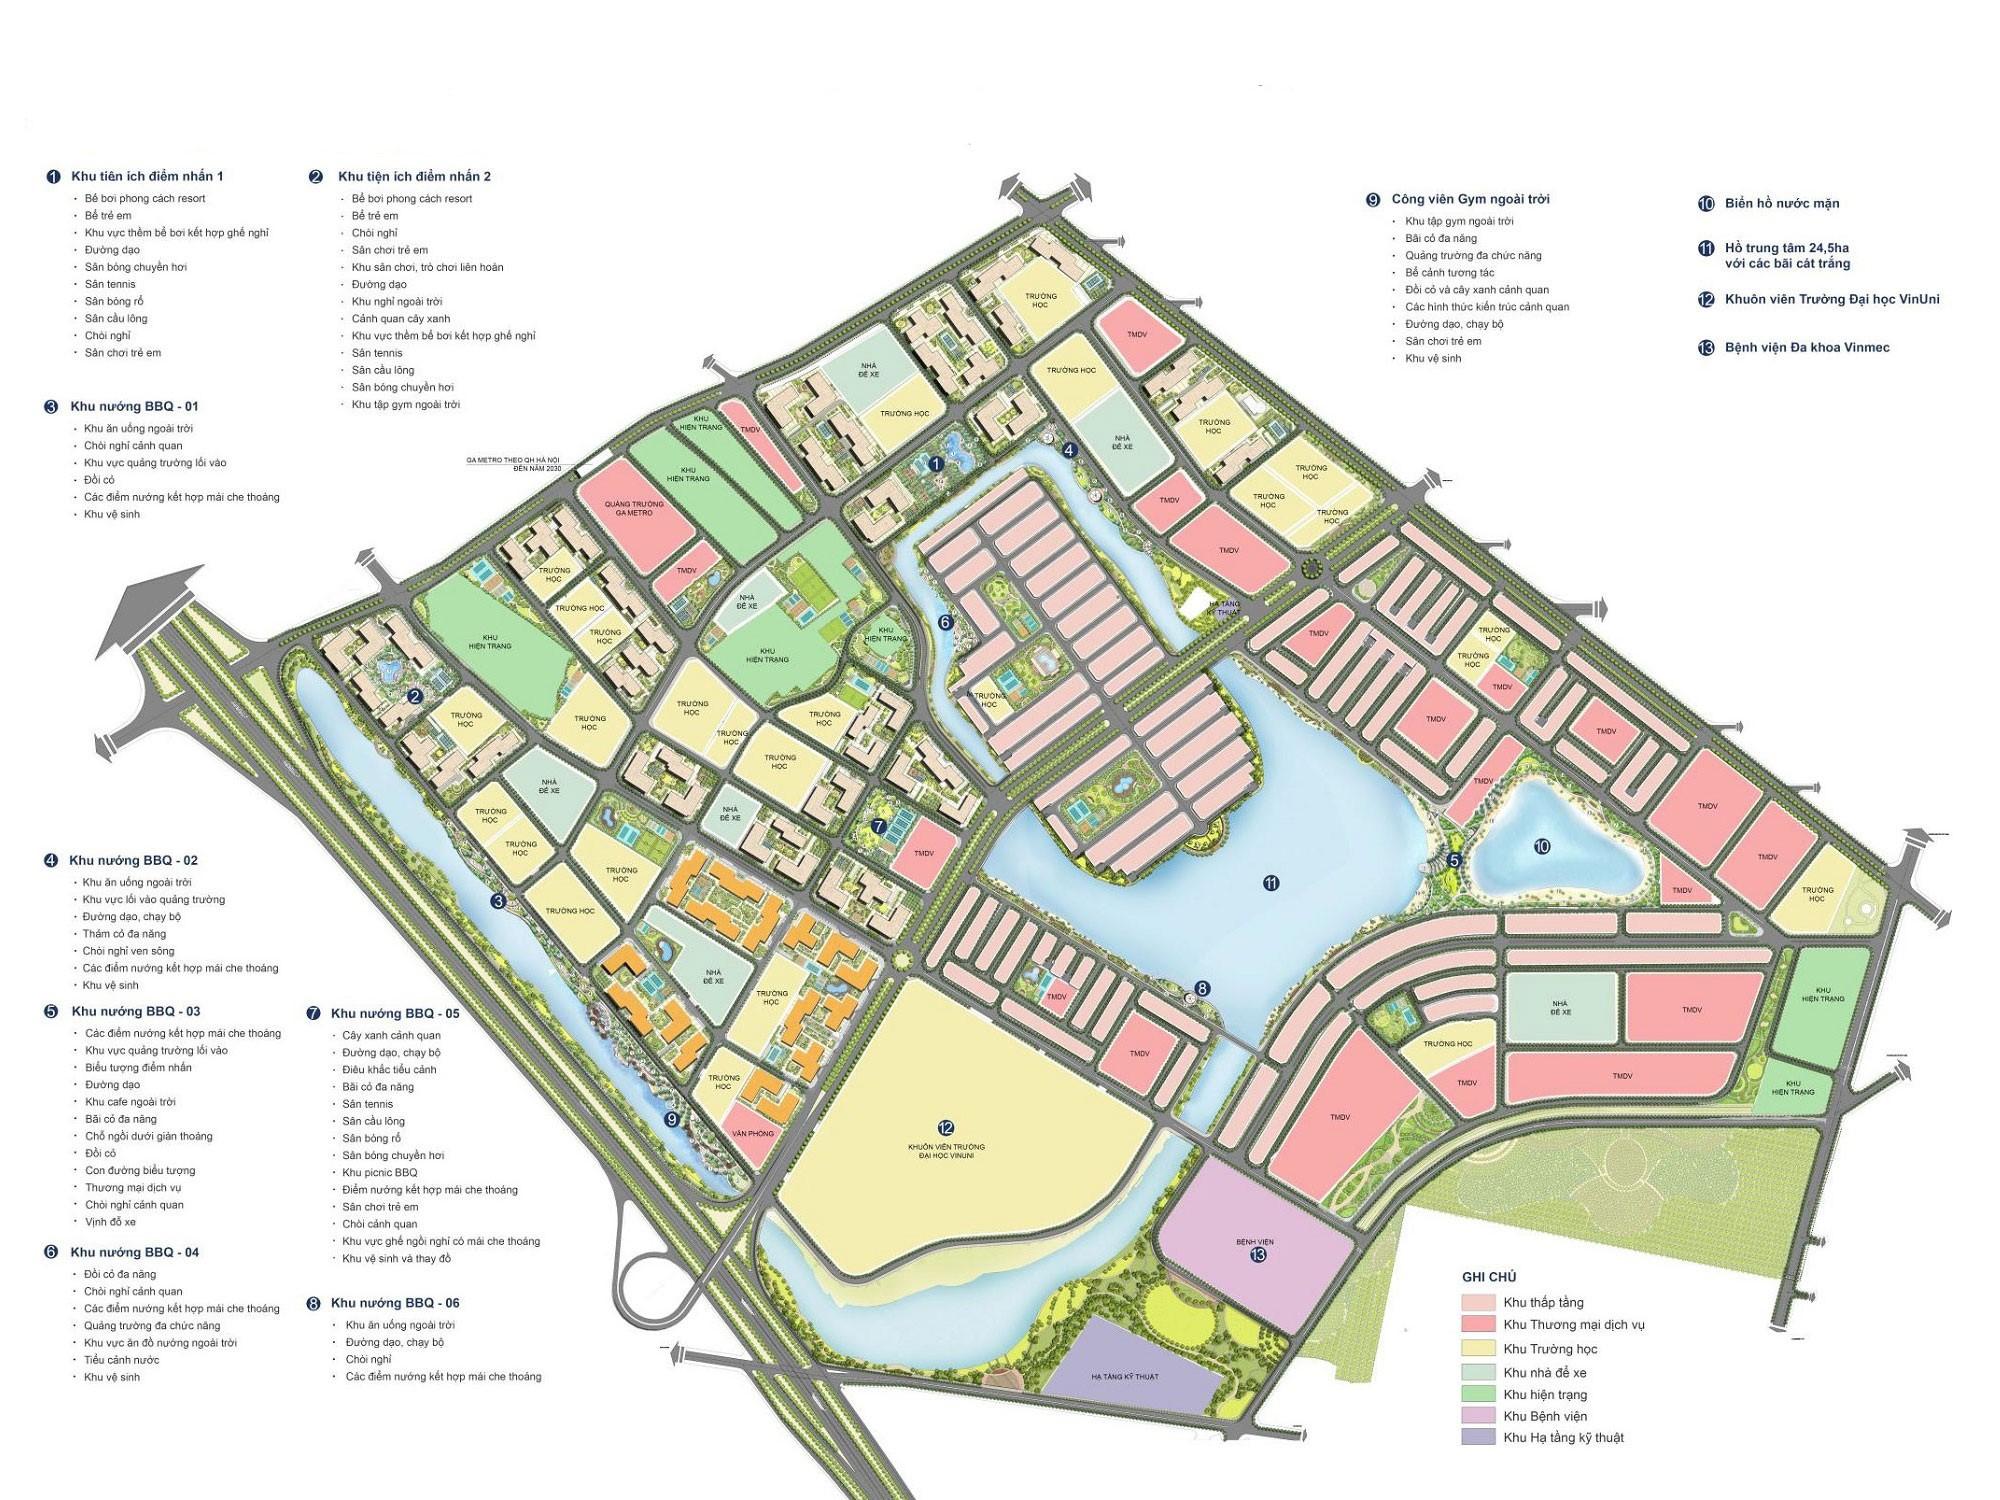 Mặt bằng tổng thể dự án khu đô thị Vinhomes Ocean Park